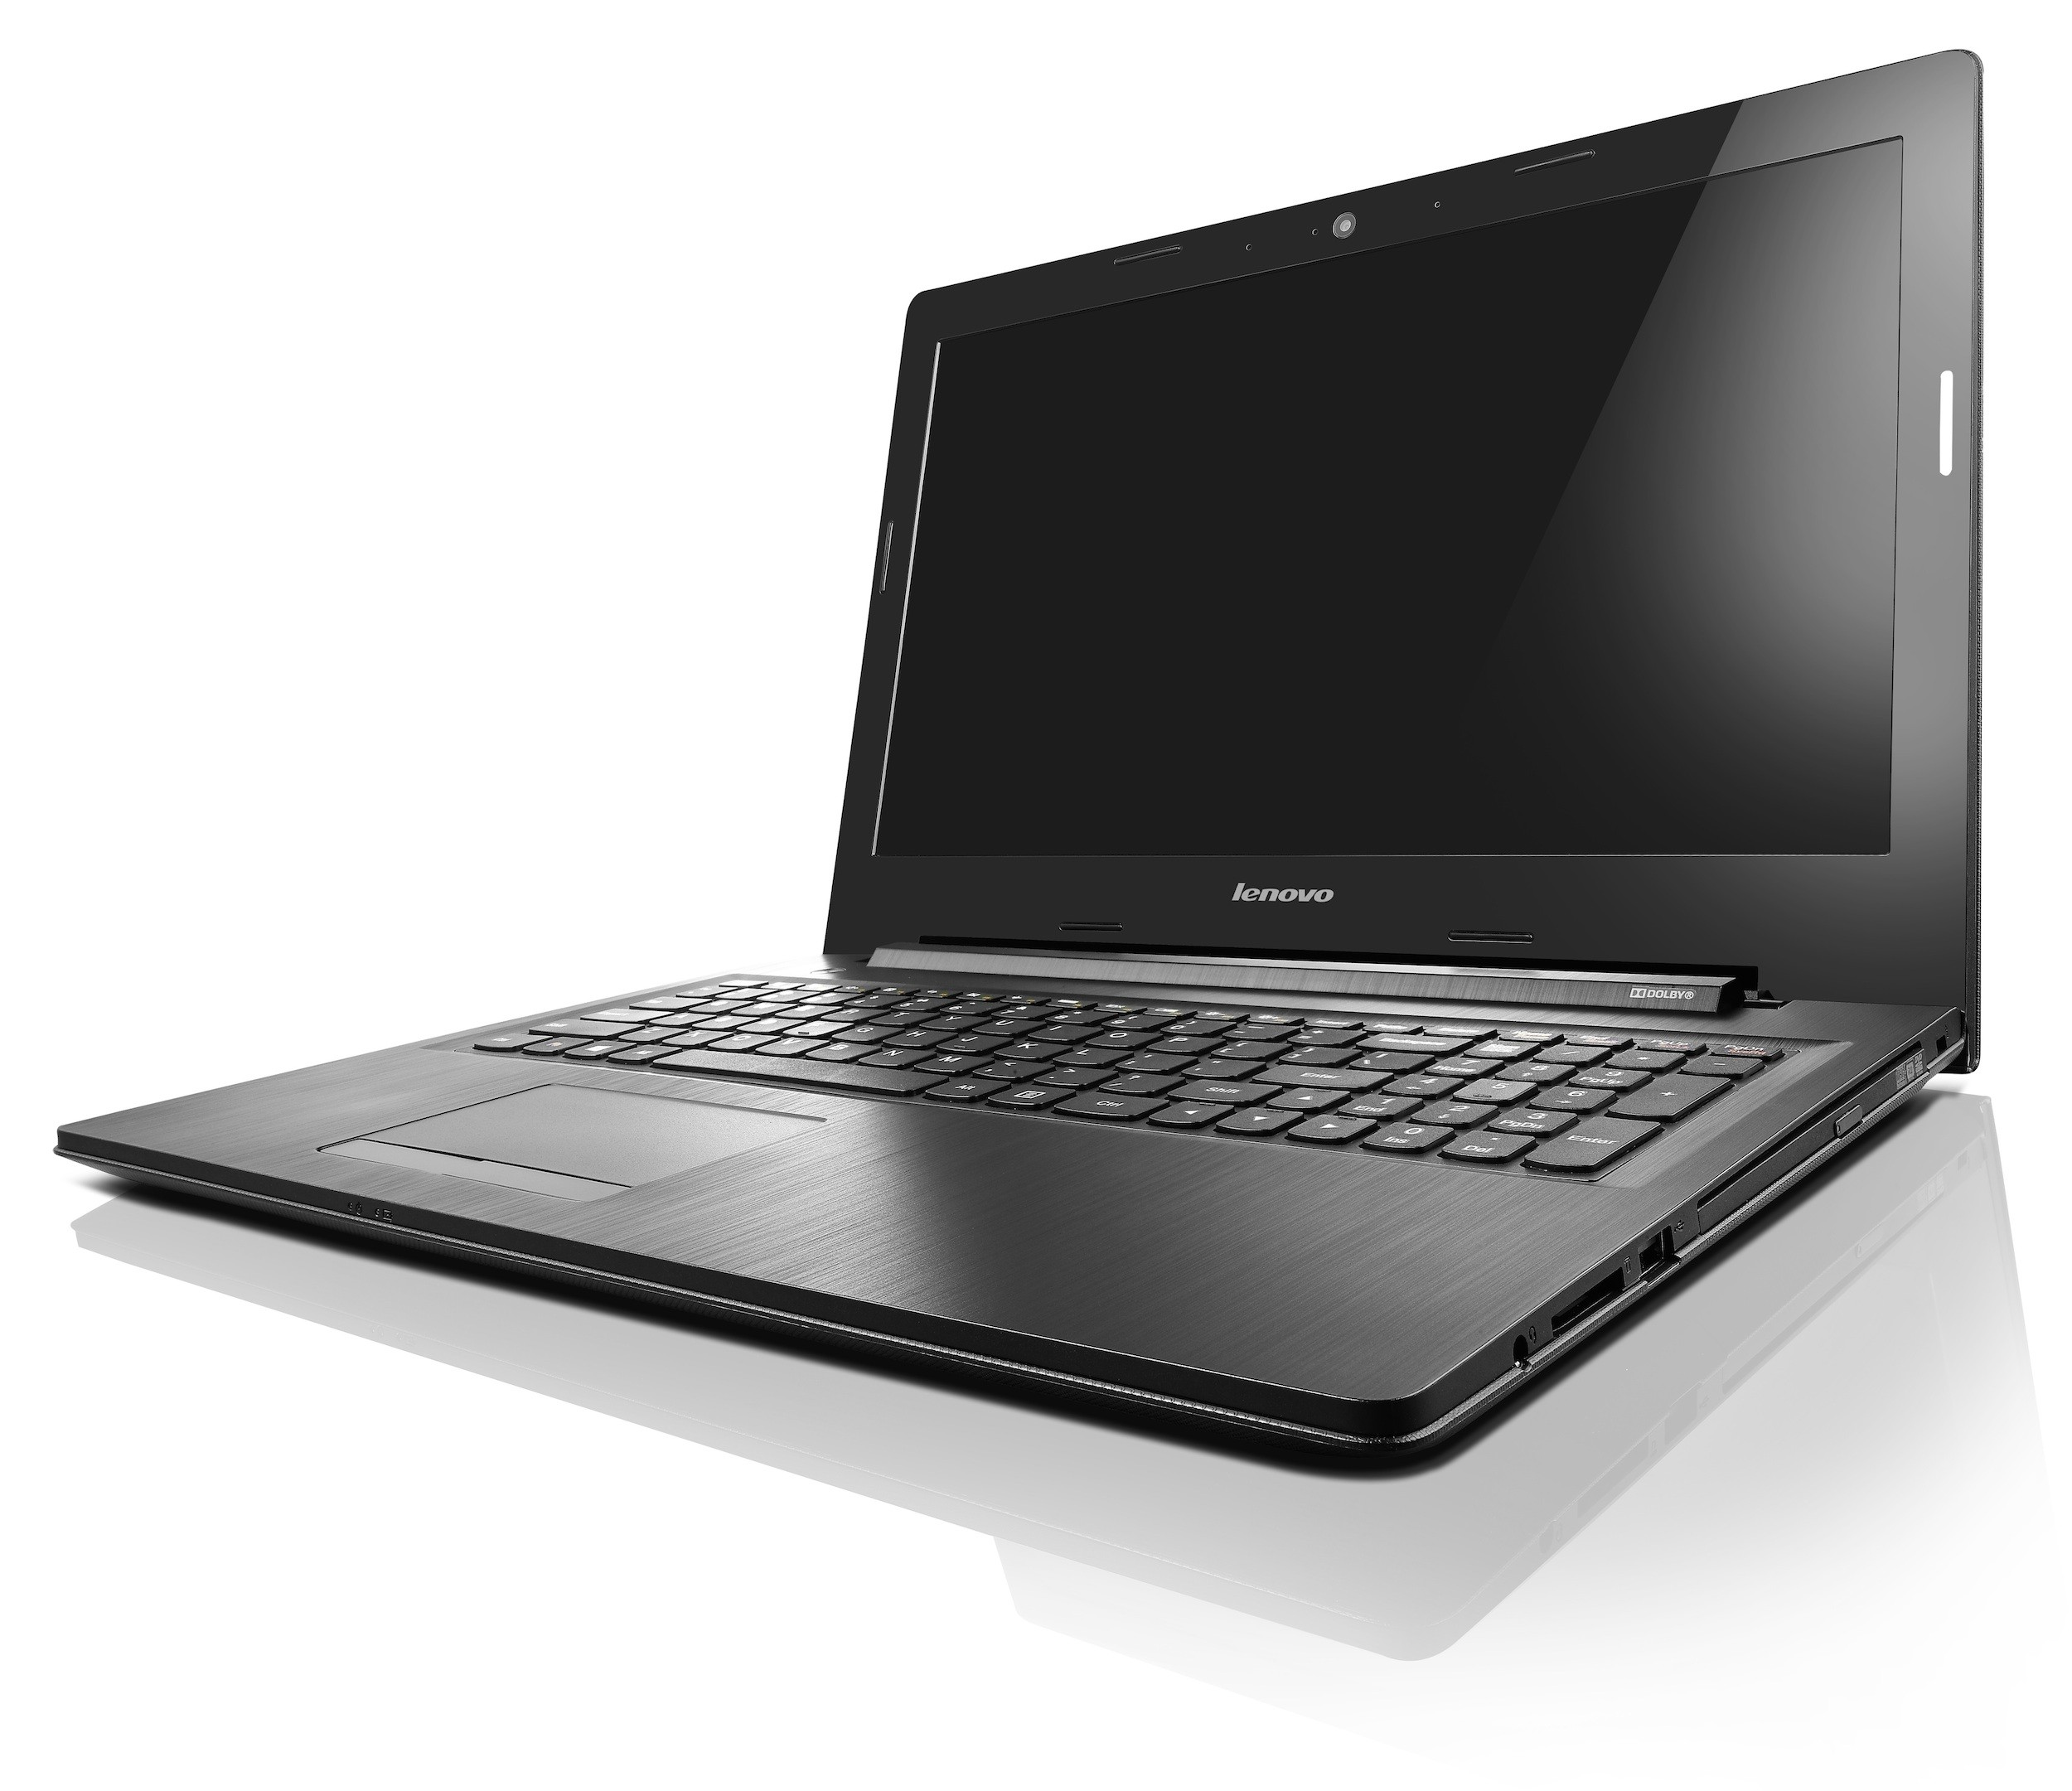 G50 3 - Lenovo G40-70, G50-70 ra mắt, giá từ 7 triệu đồng